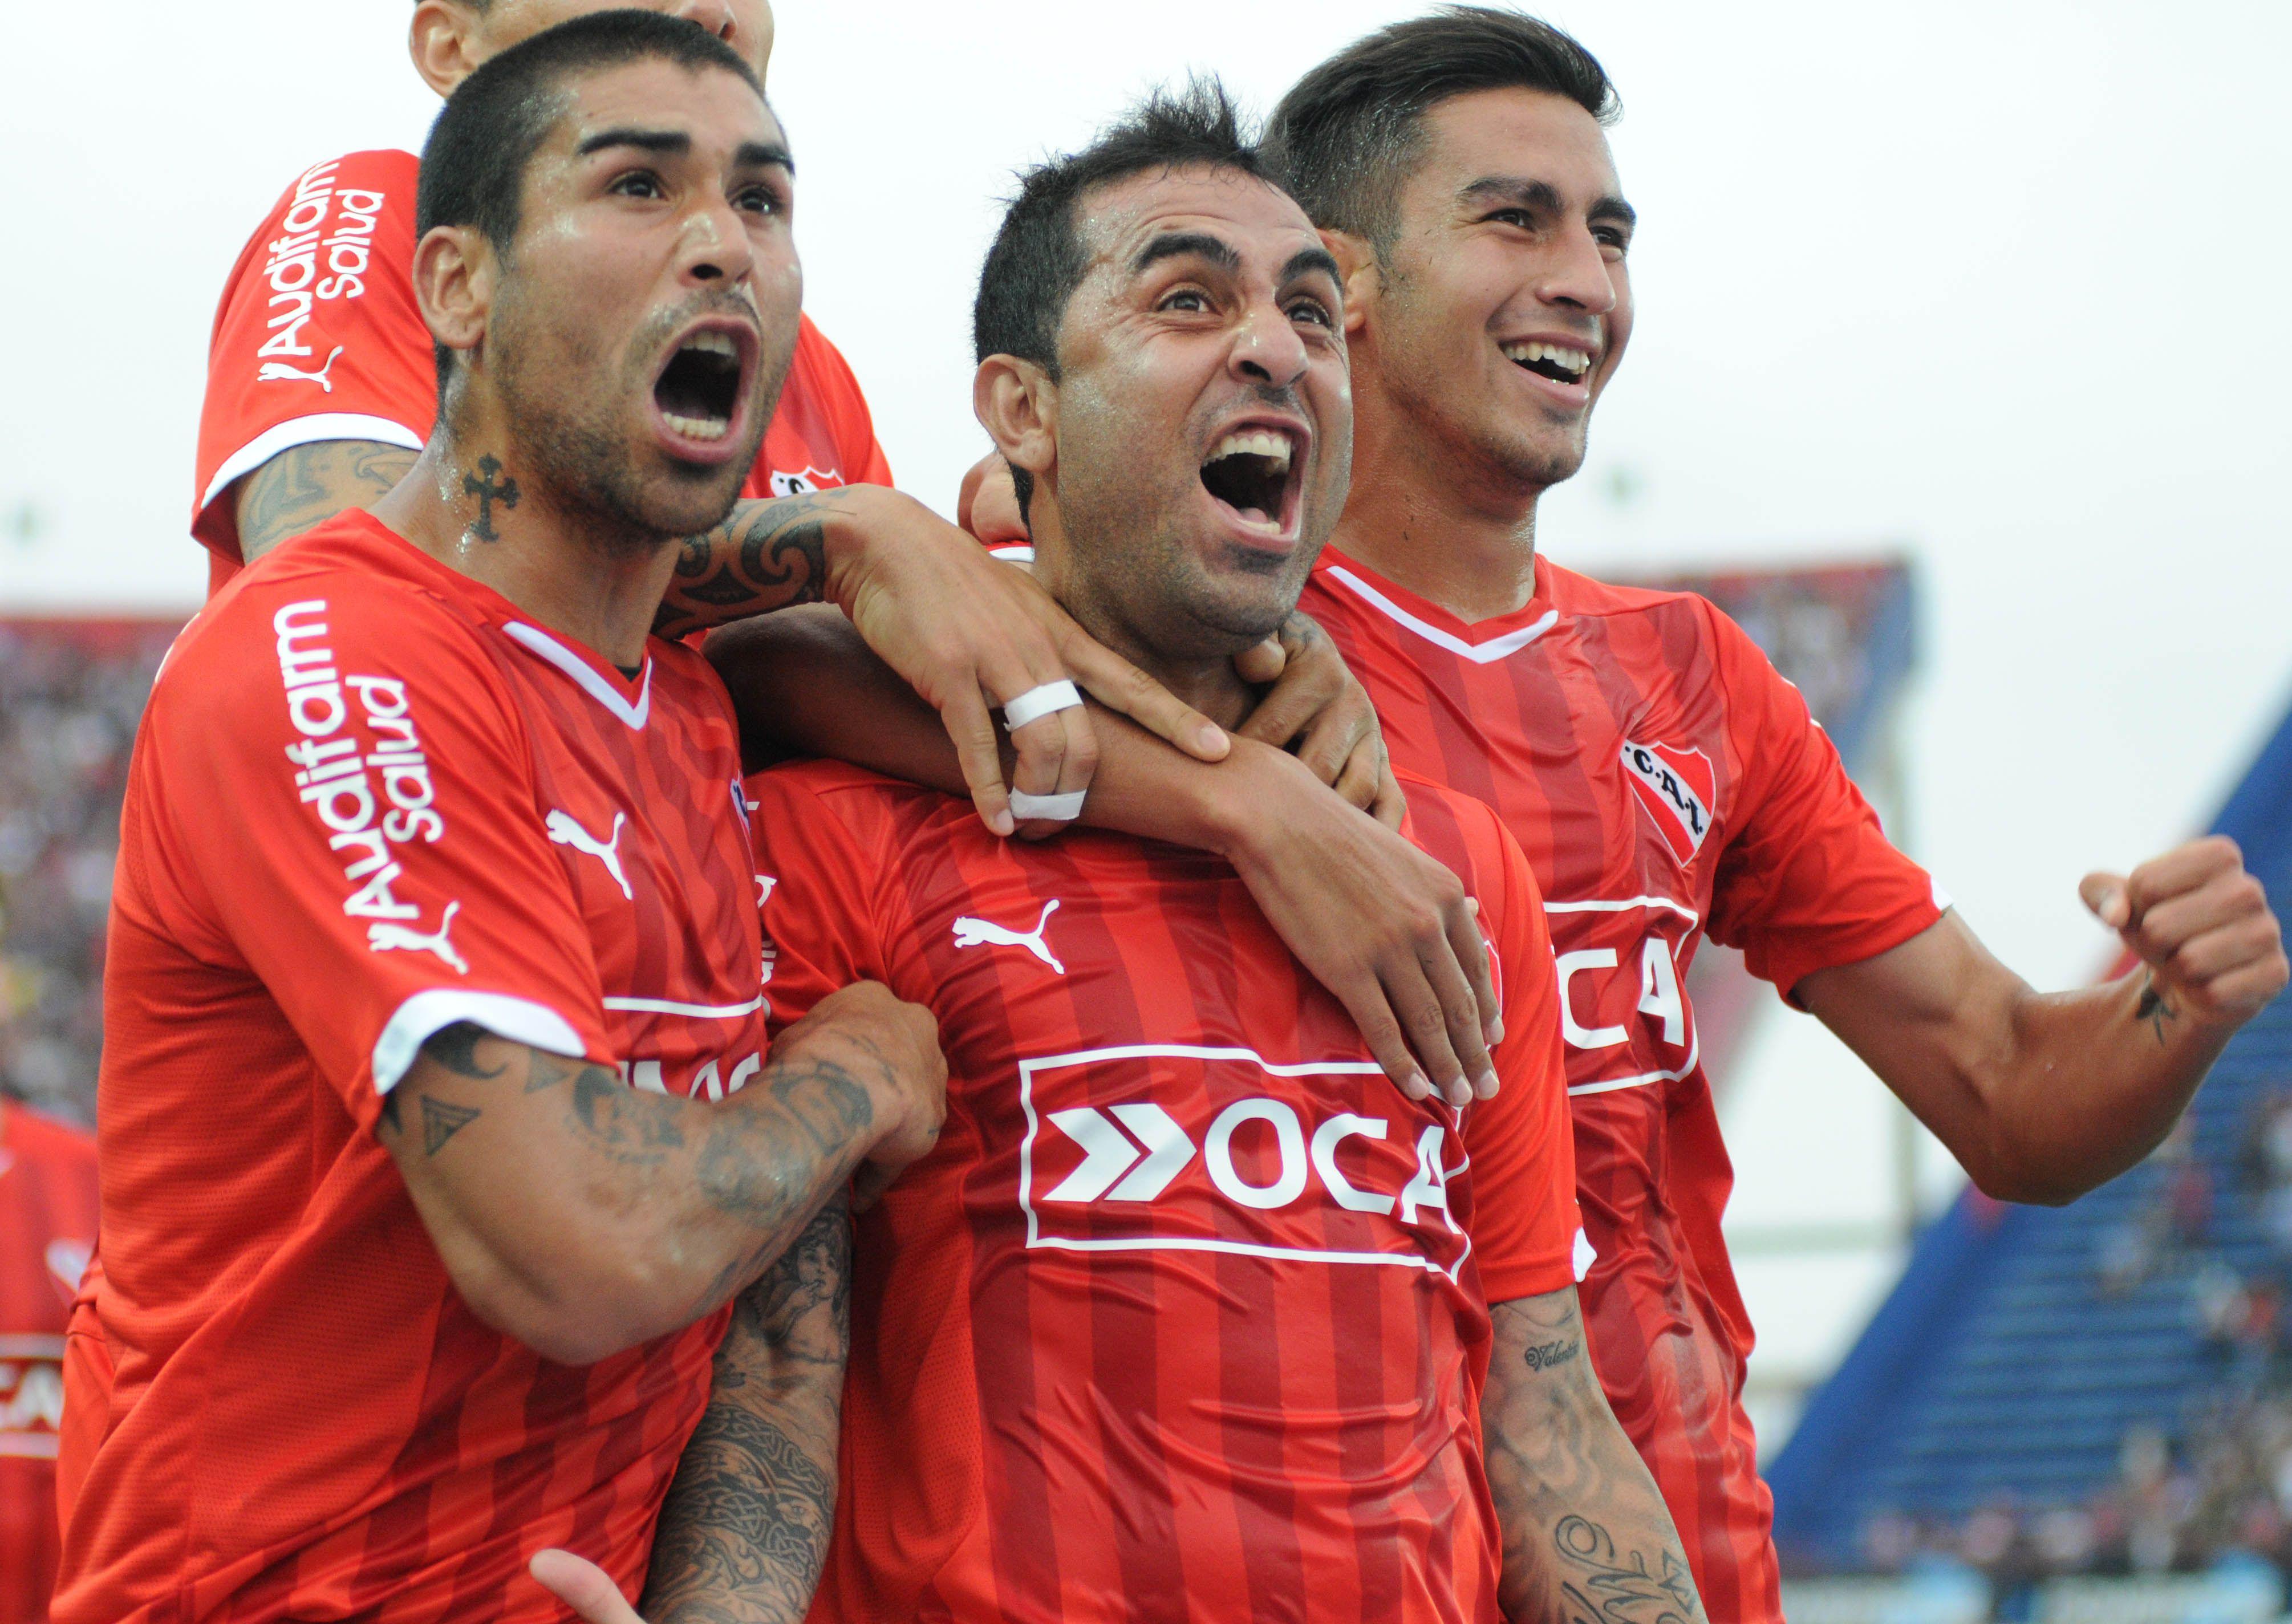 El Rolfi Montenegro grita el golazo que abrió el camino para el triunfo de Independiente en el Nuevo Gasómetro.